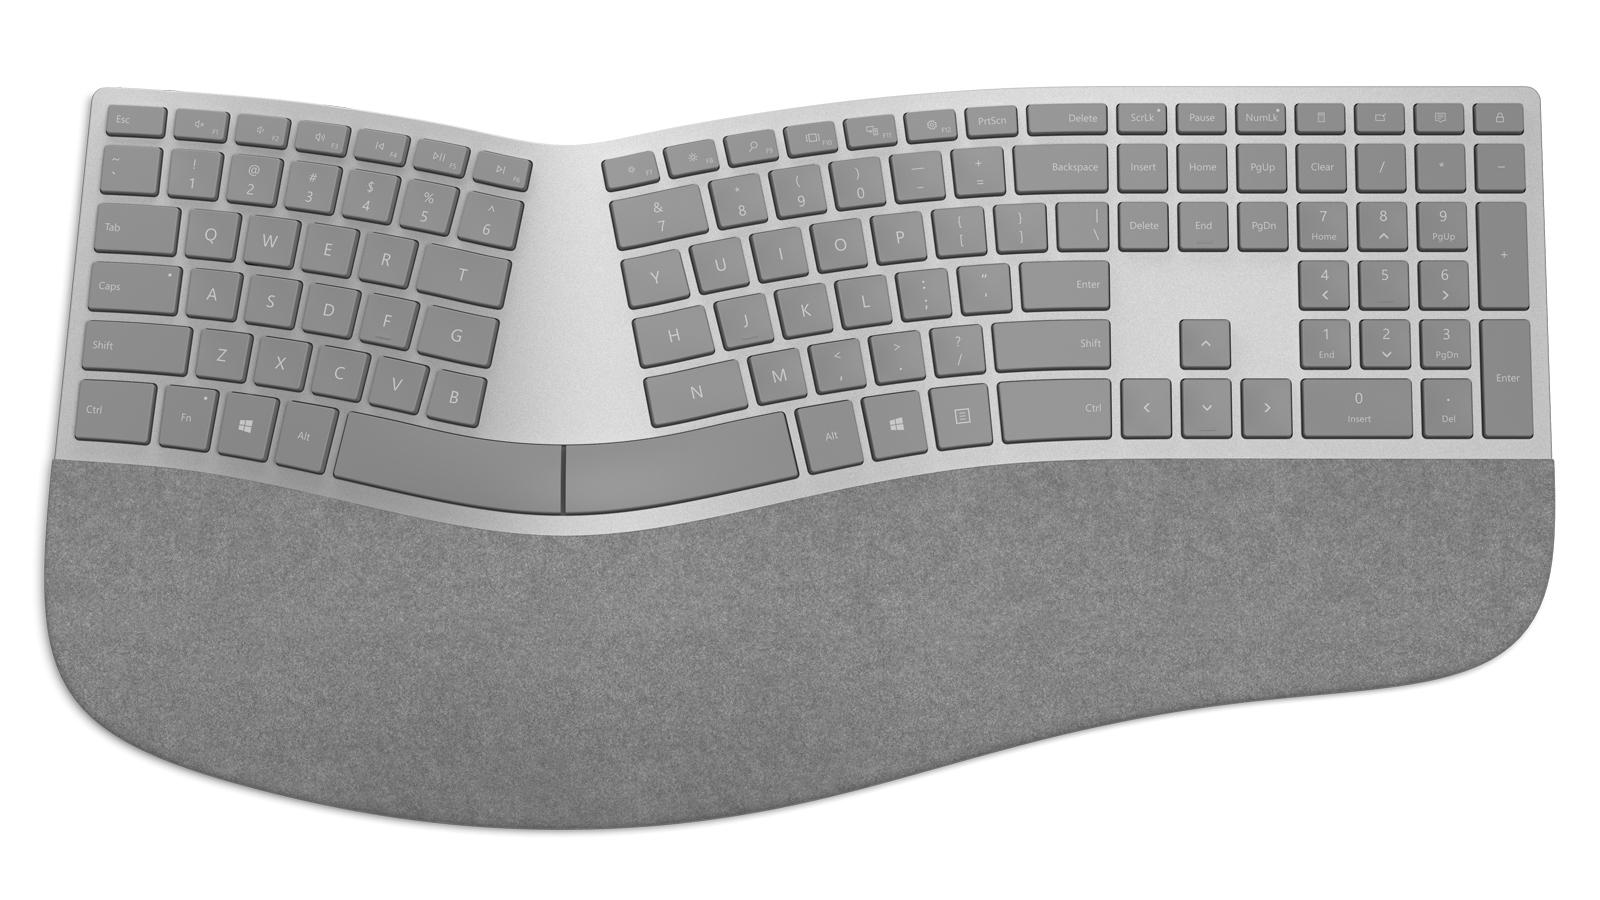 مايكروسوفت تكشف عن لوحة مفاتيح بتصميم مميز وسعر 130$